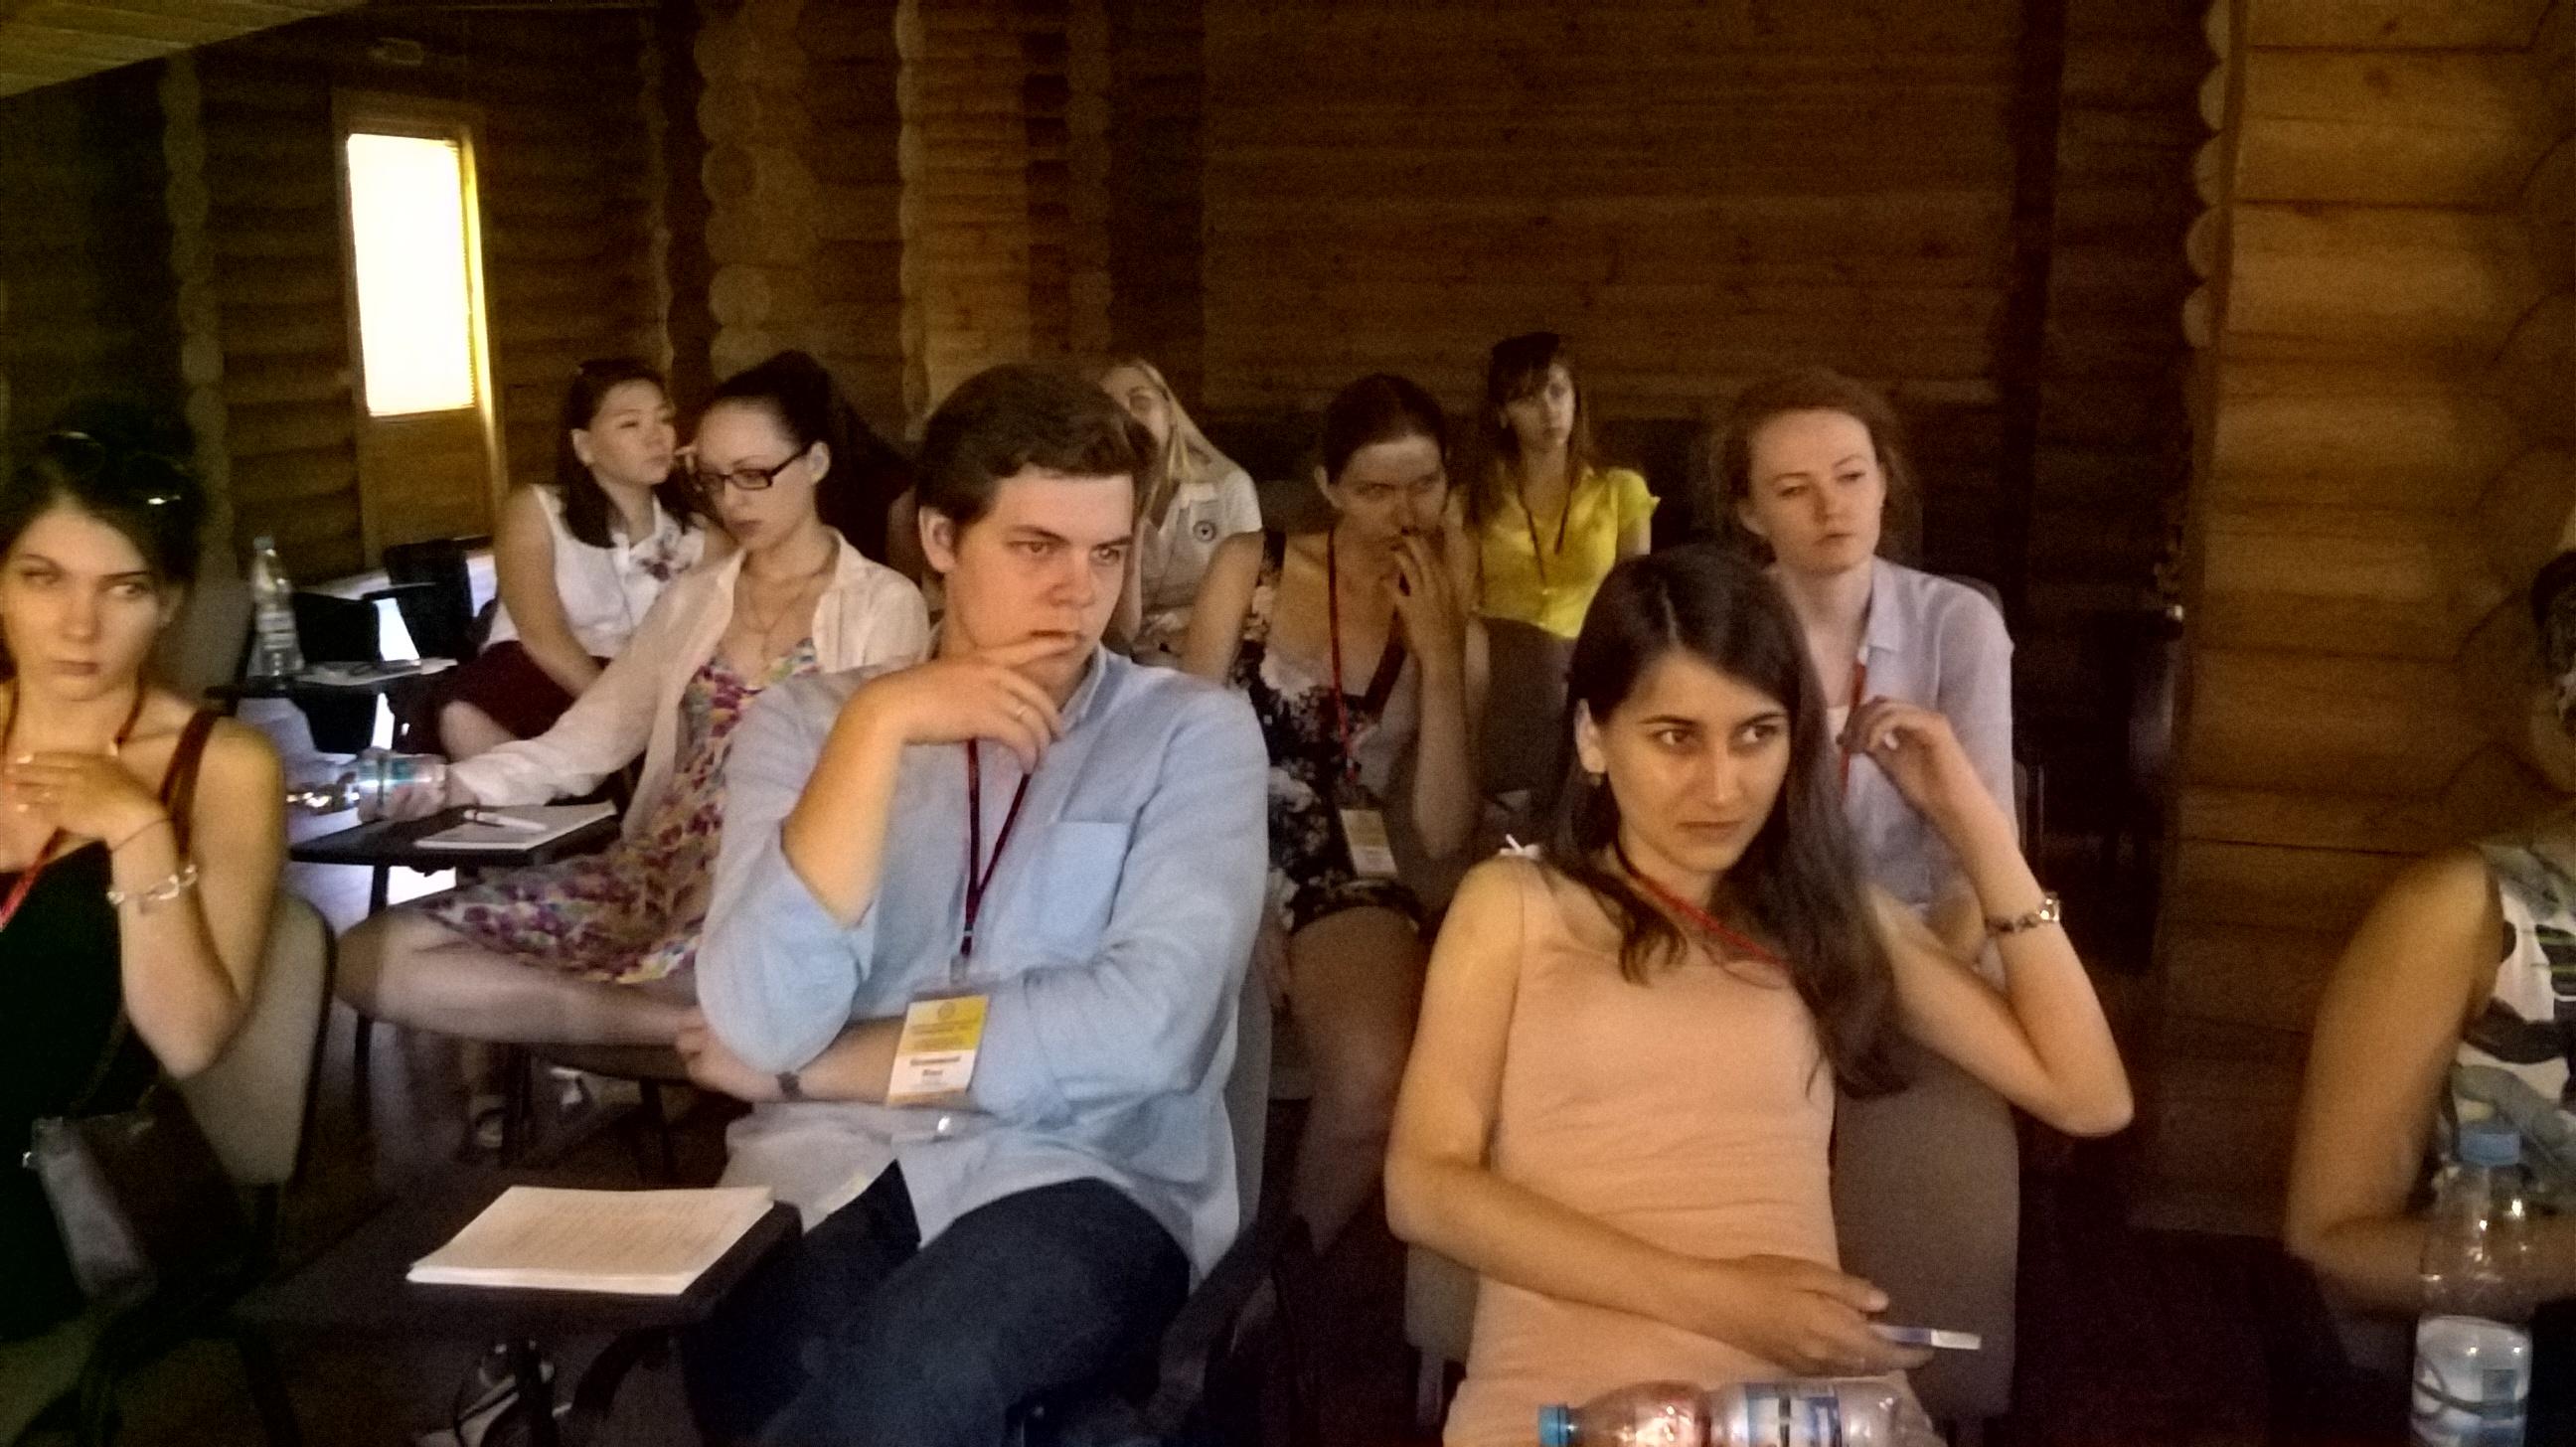 Школа межэтнической журналистики, Гильдия межэтнической журналистики, Астраханская область, Харабалинский район